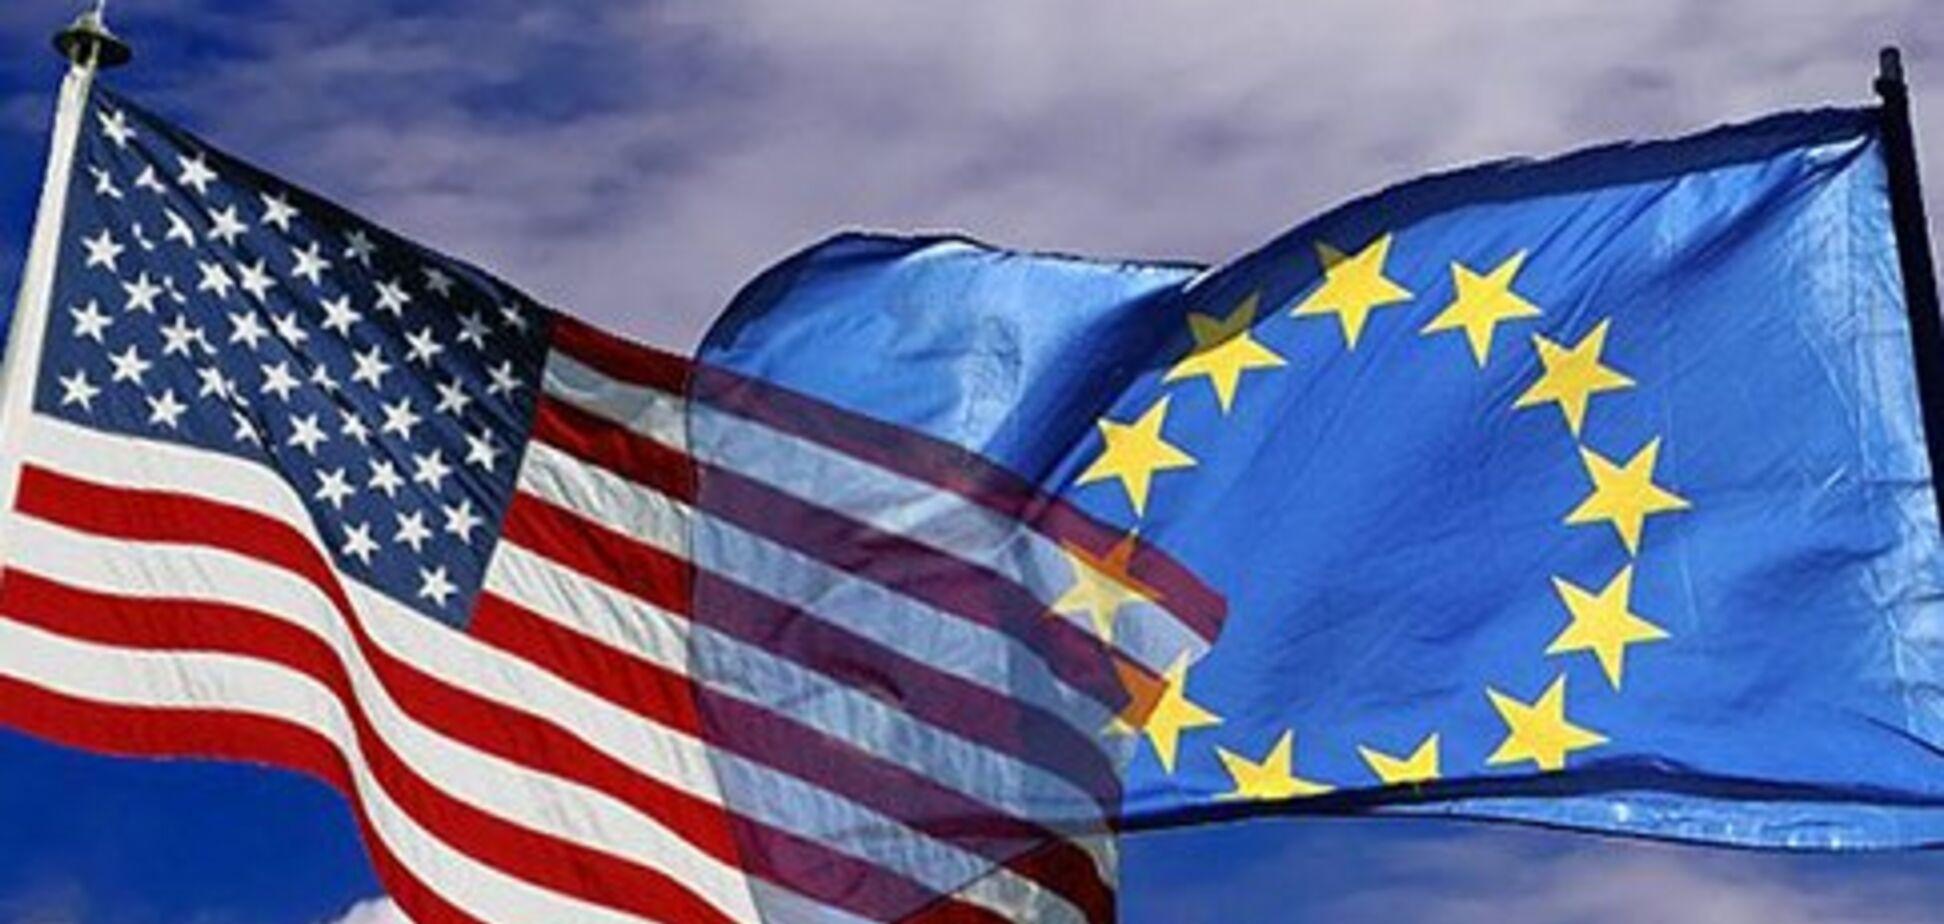 Это Евросоюз плюет на американские санкции, а не Россия